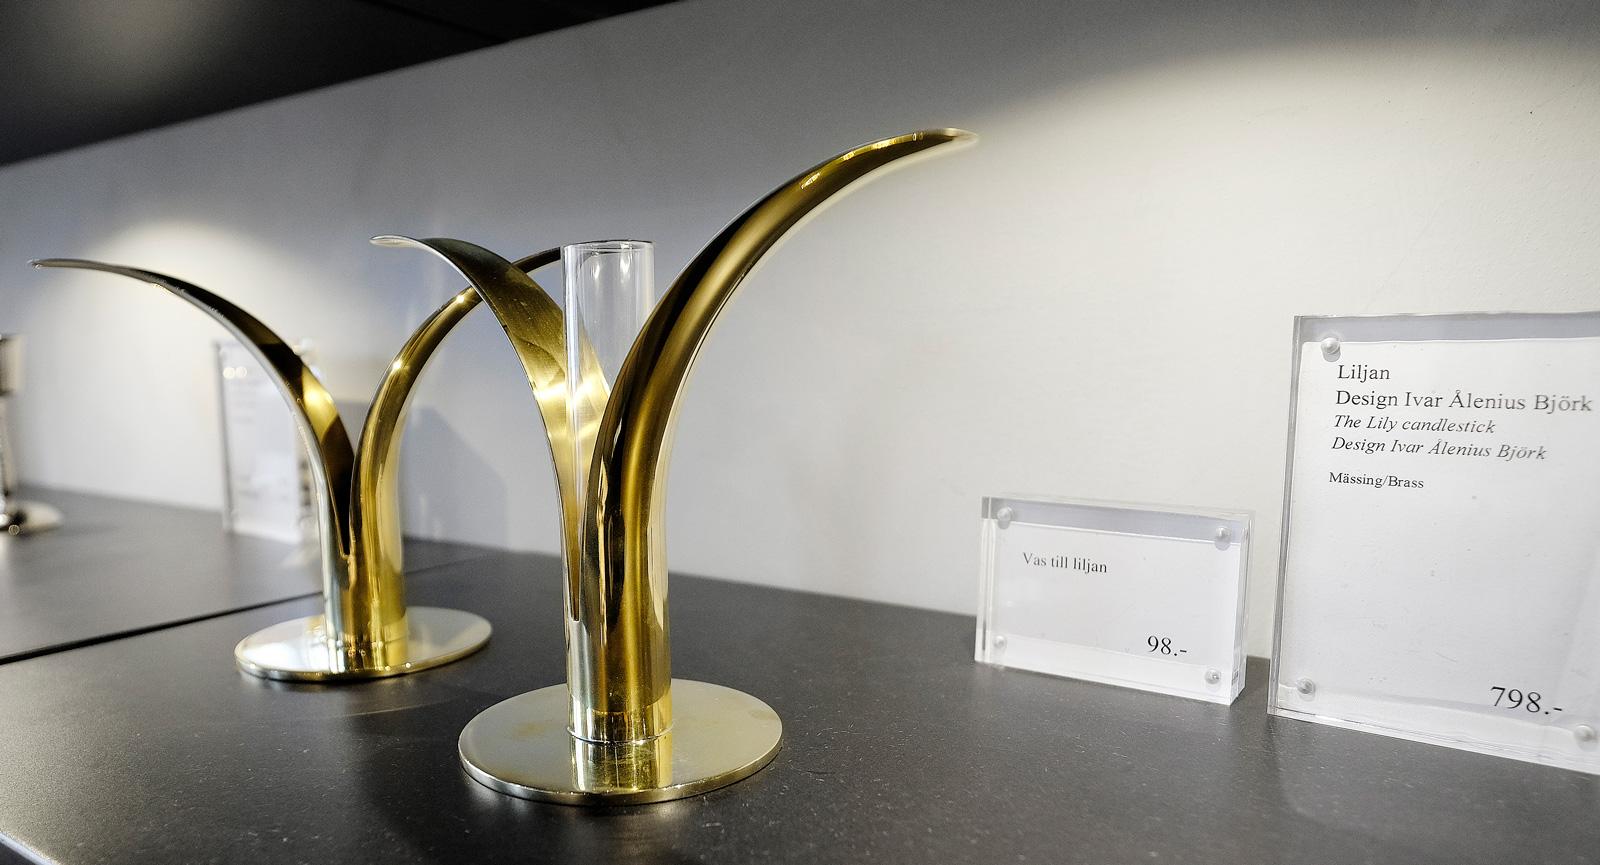 Liljan och ljuslyktorna från Lara Bohinc är några av de mest kända produkterna från Skultuna.